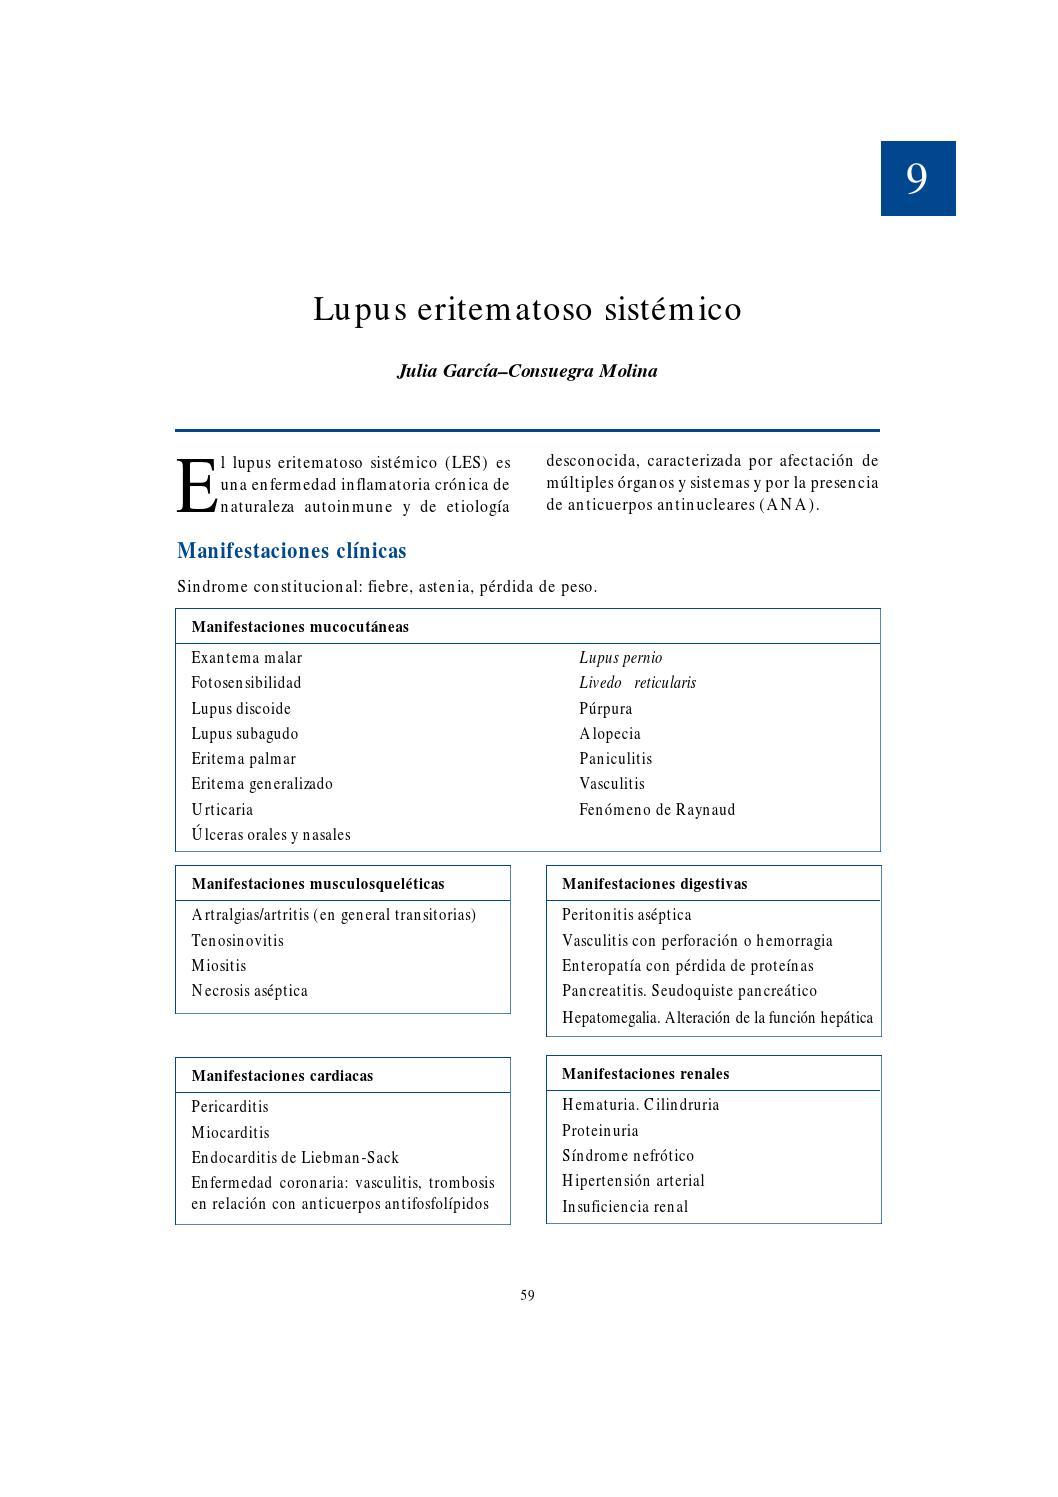 lupus+eritematoso+sistemico+perdida+de+peso